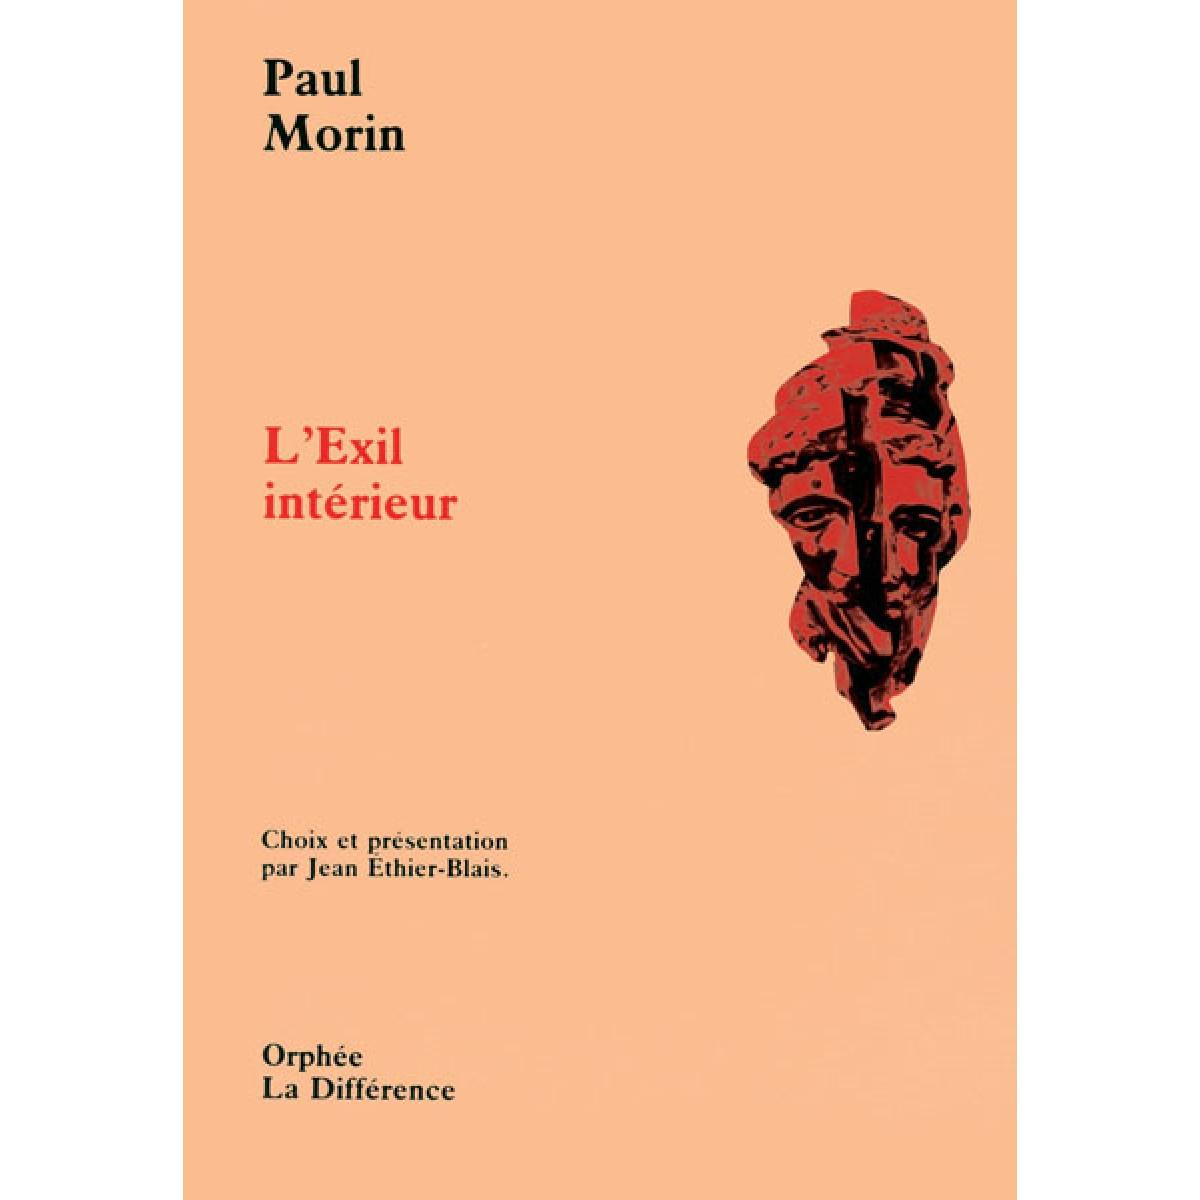 couv Paul Morin